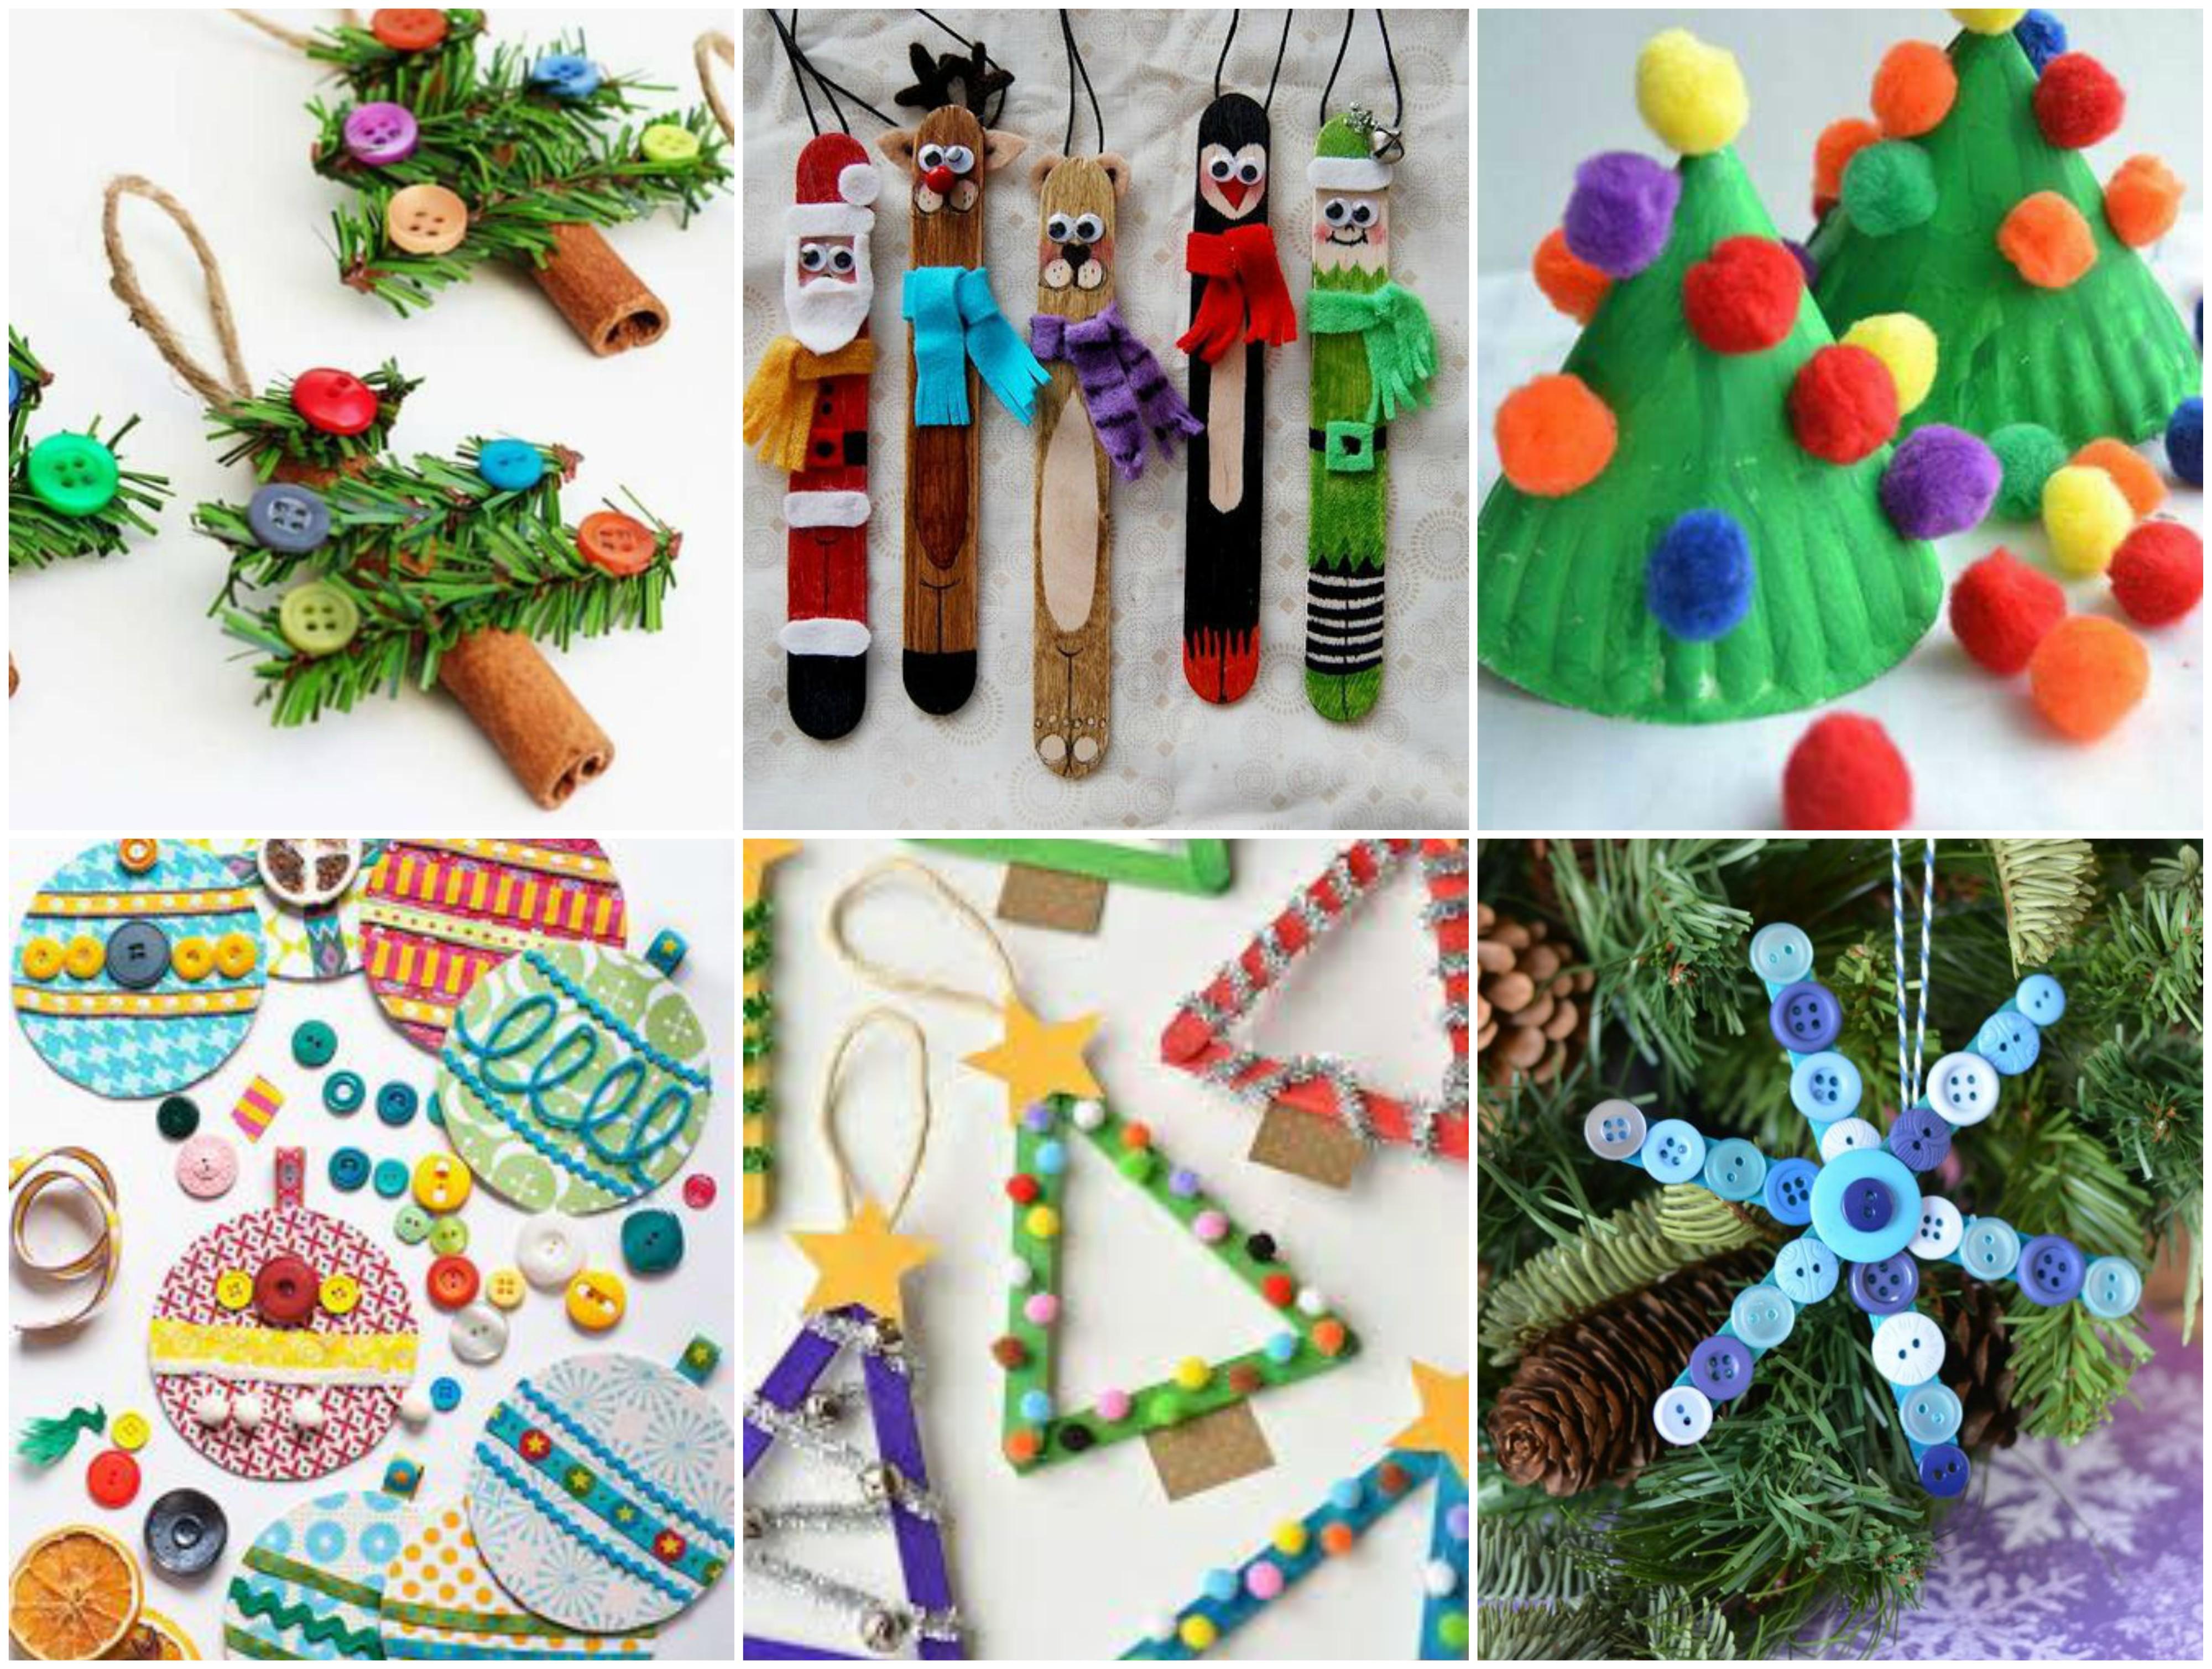 Basteln im WINTER - 15 Ideen für Kinder :) - nettetipps.de